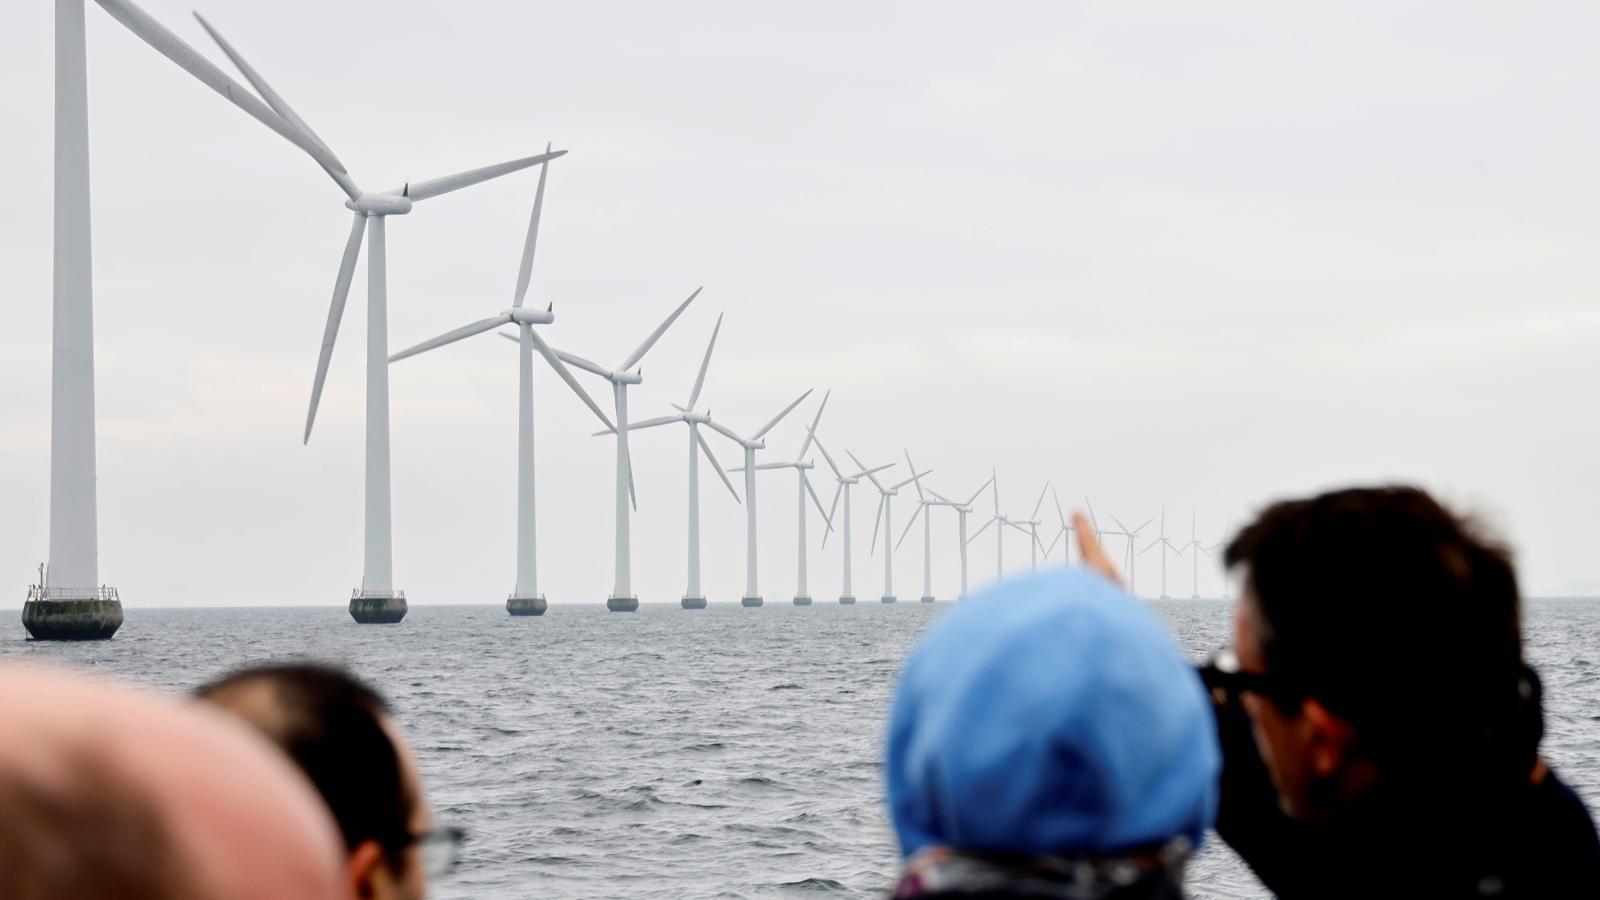 Amazon is the biggest corporate buyer of renewable energy